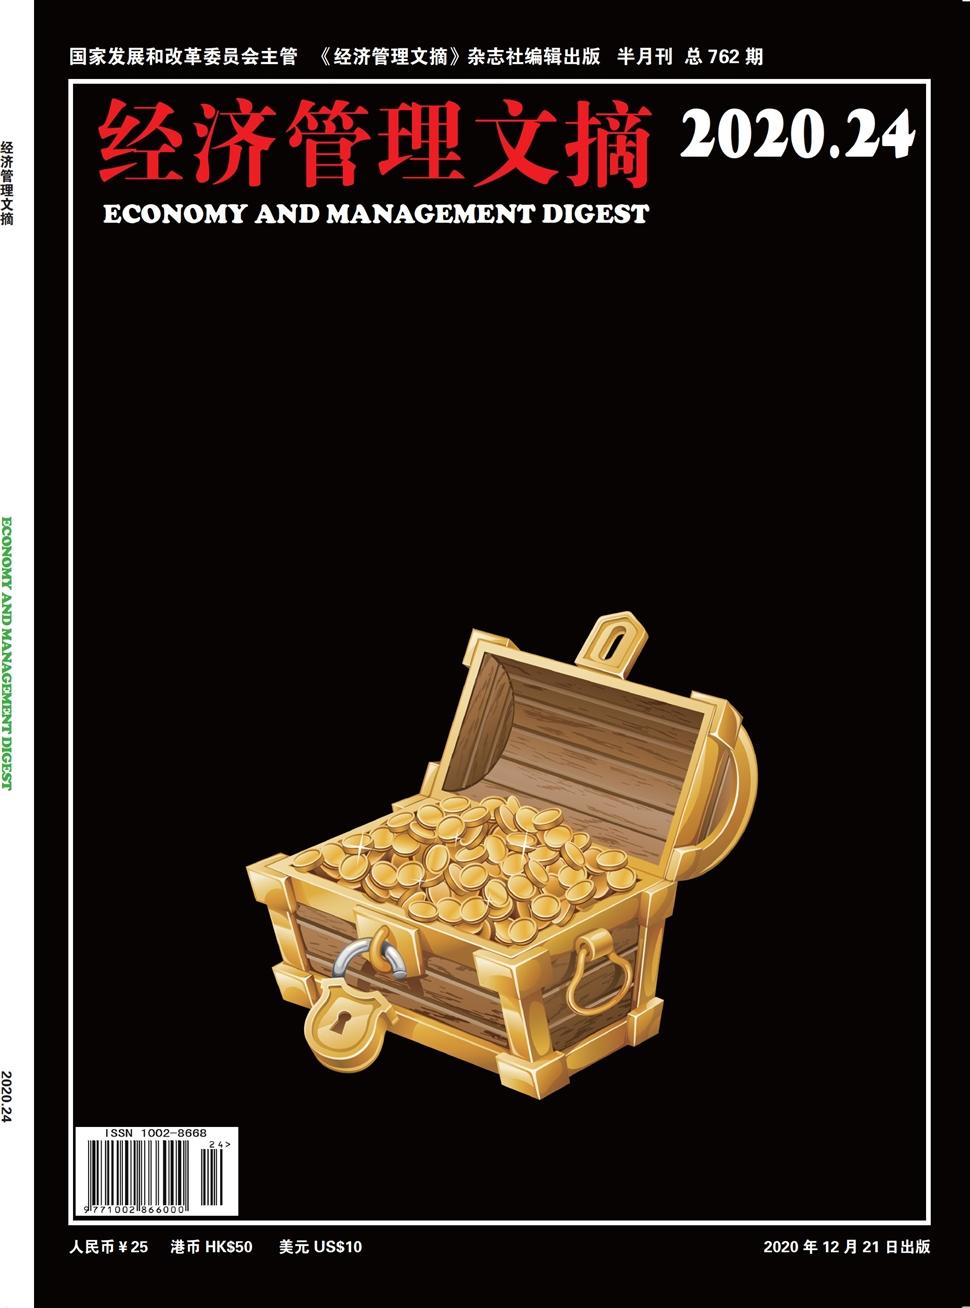 《经济管理文摘》